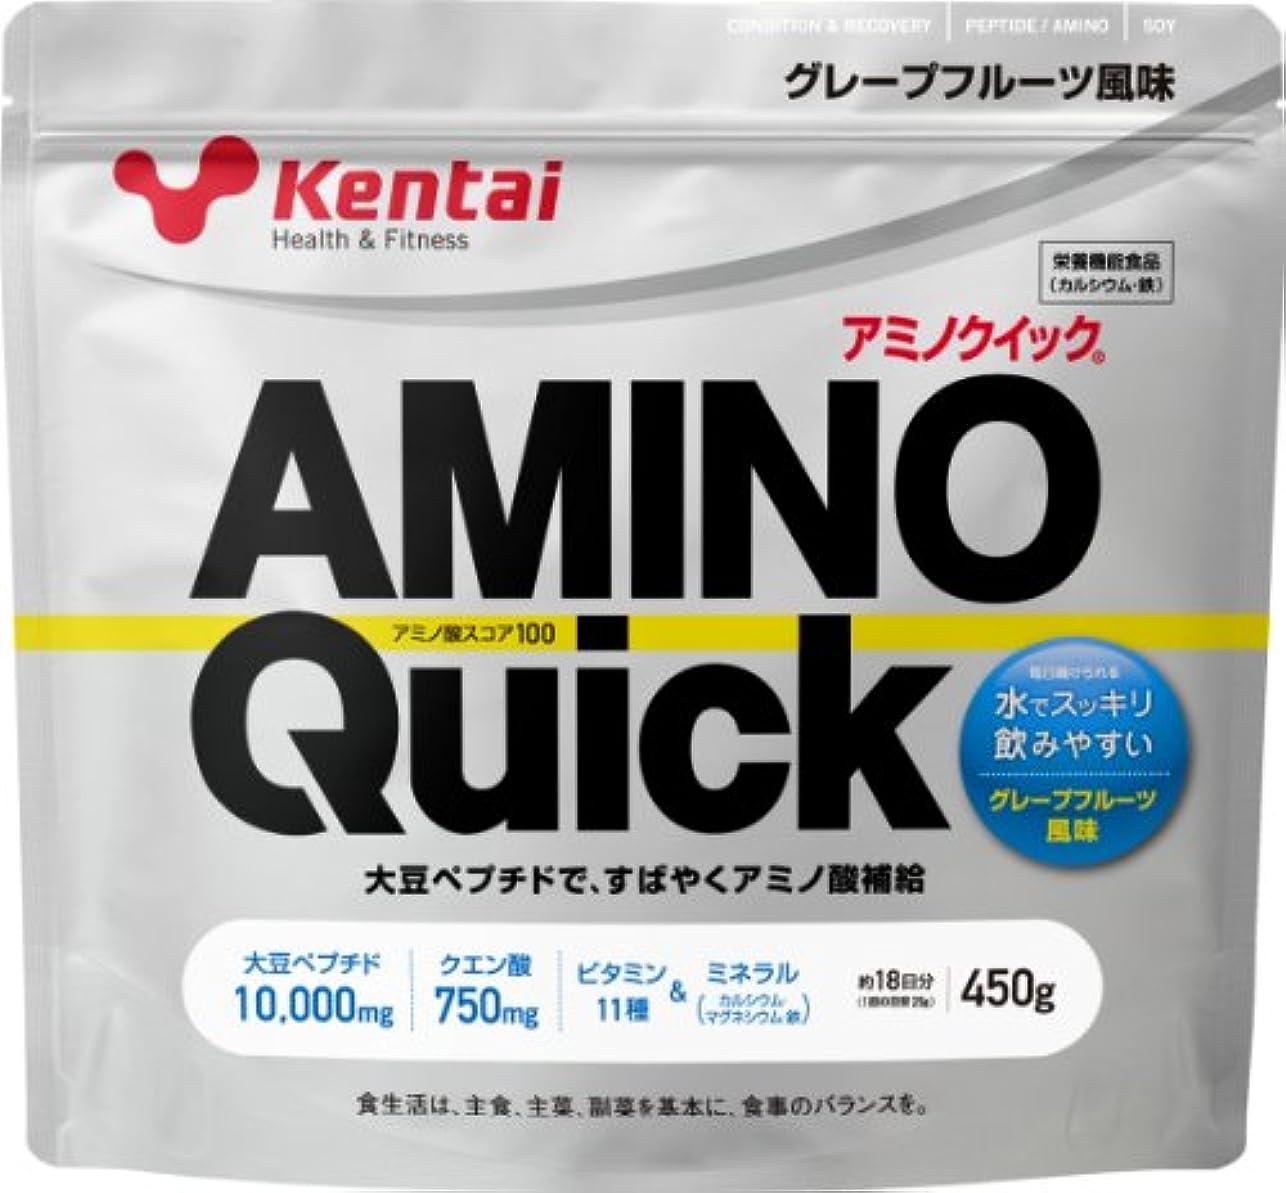 公平な励起覆すKentai アミノクイック グレープフルーツ 450g